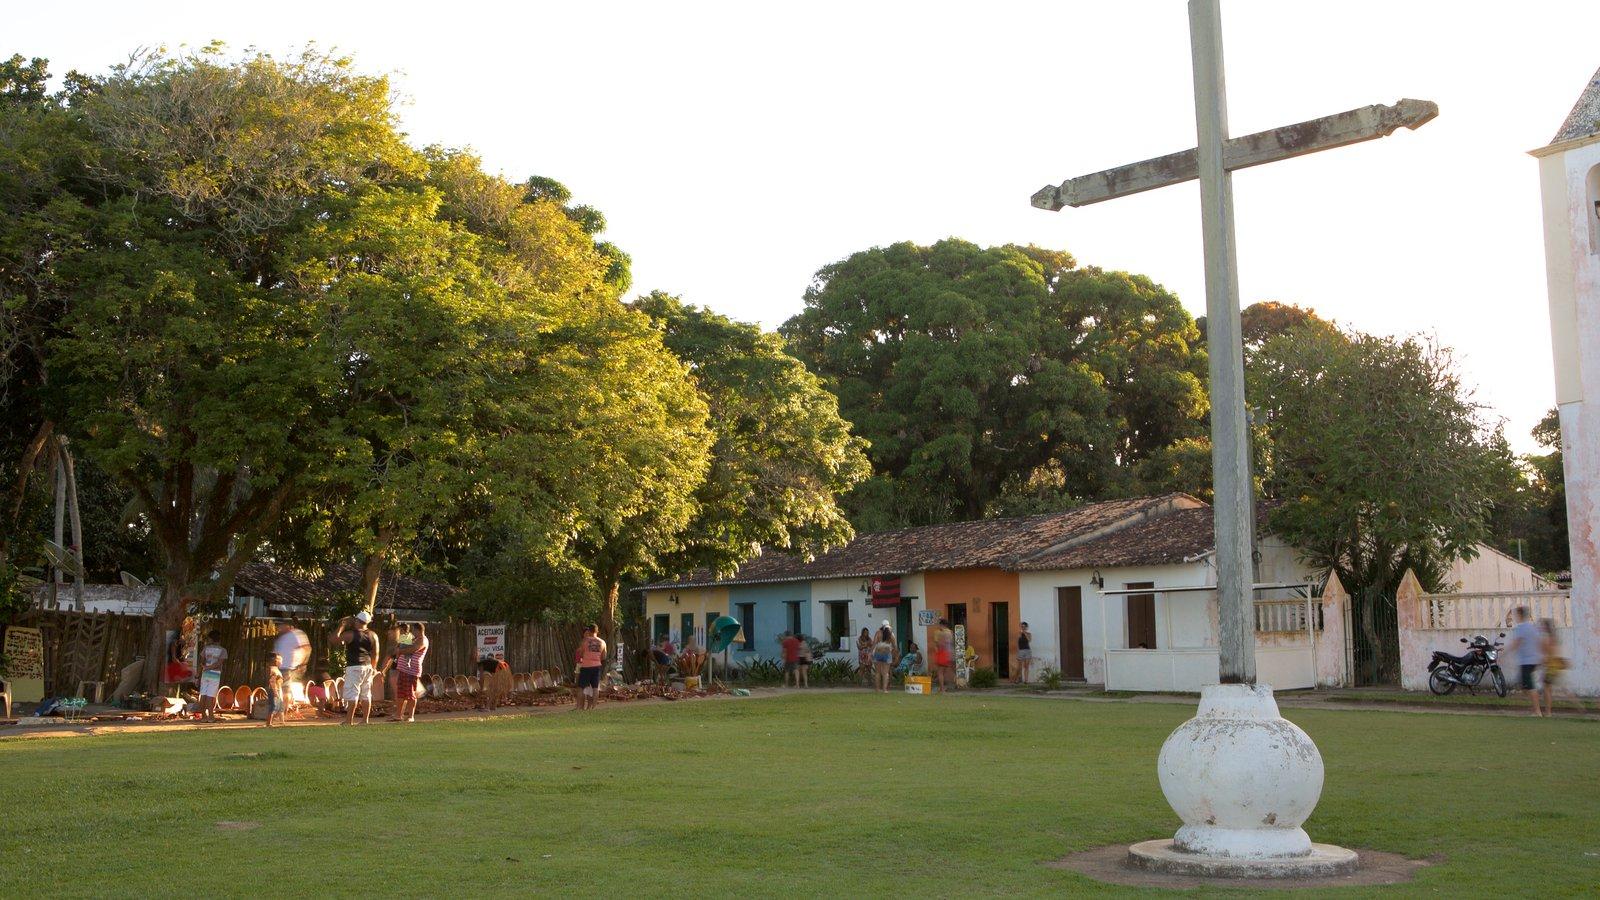 Porto Seguro mostrando um parque e elementos religiosos